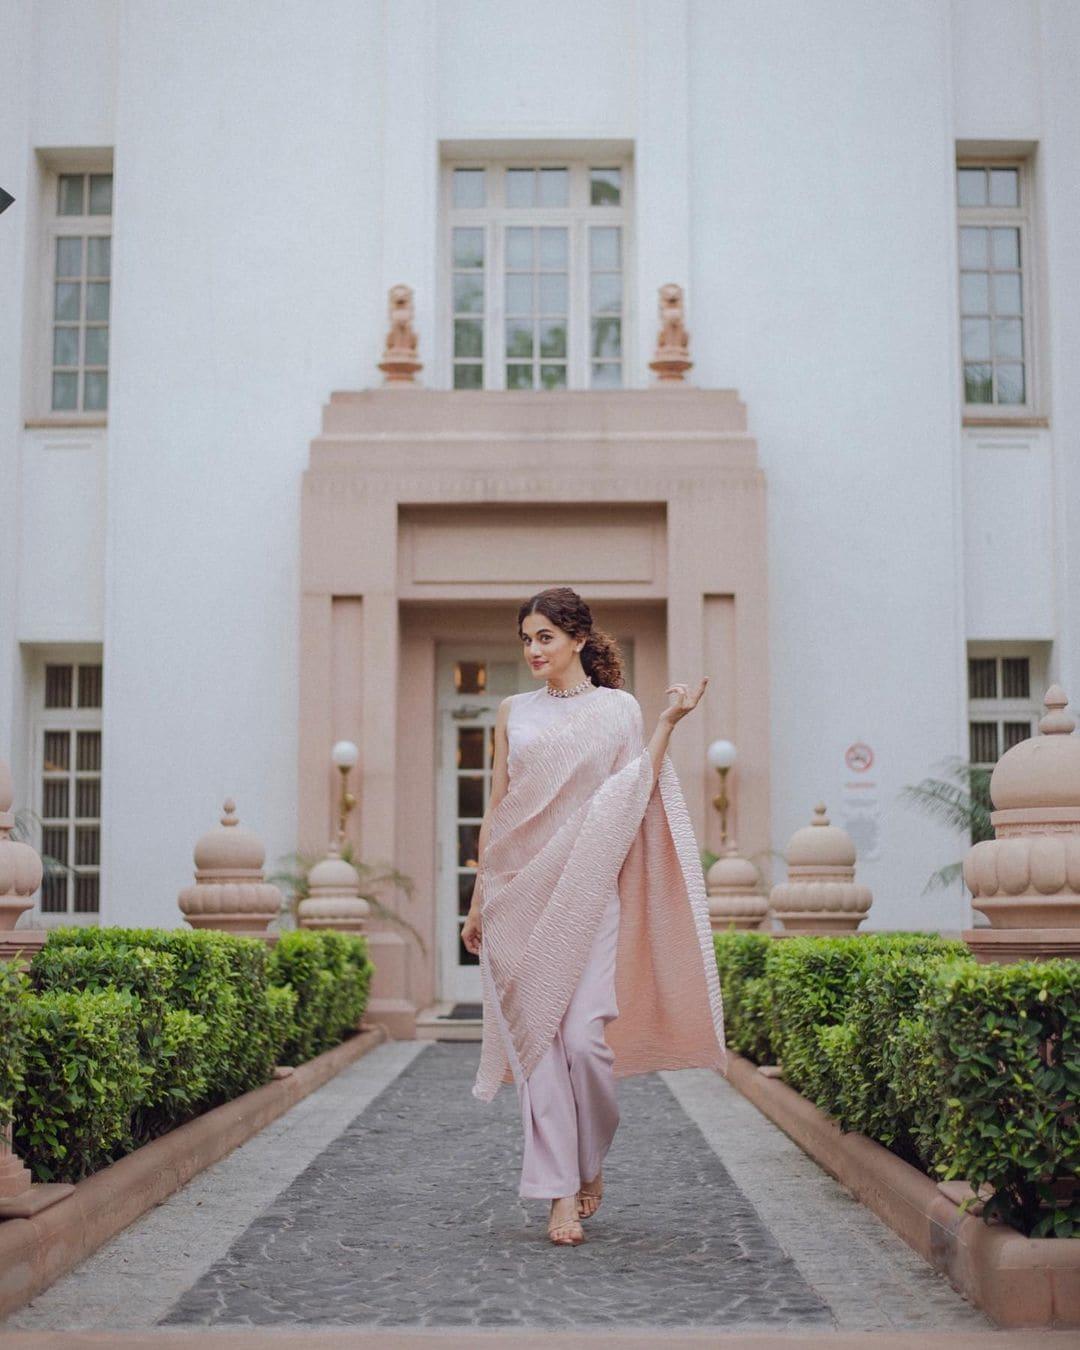 நடிகை டாப்ஸி (Image: Instagram @taapsee)